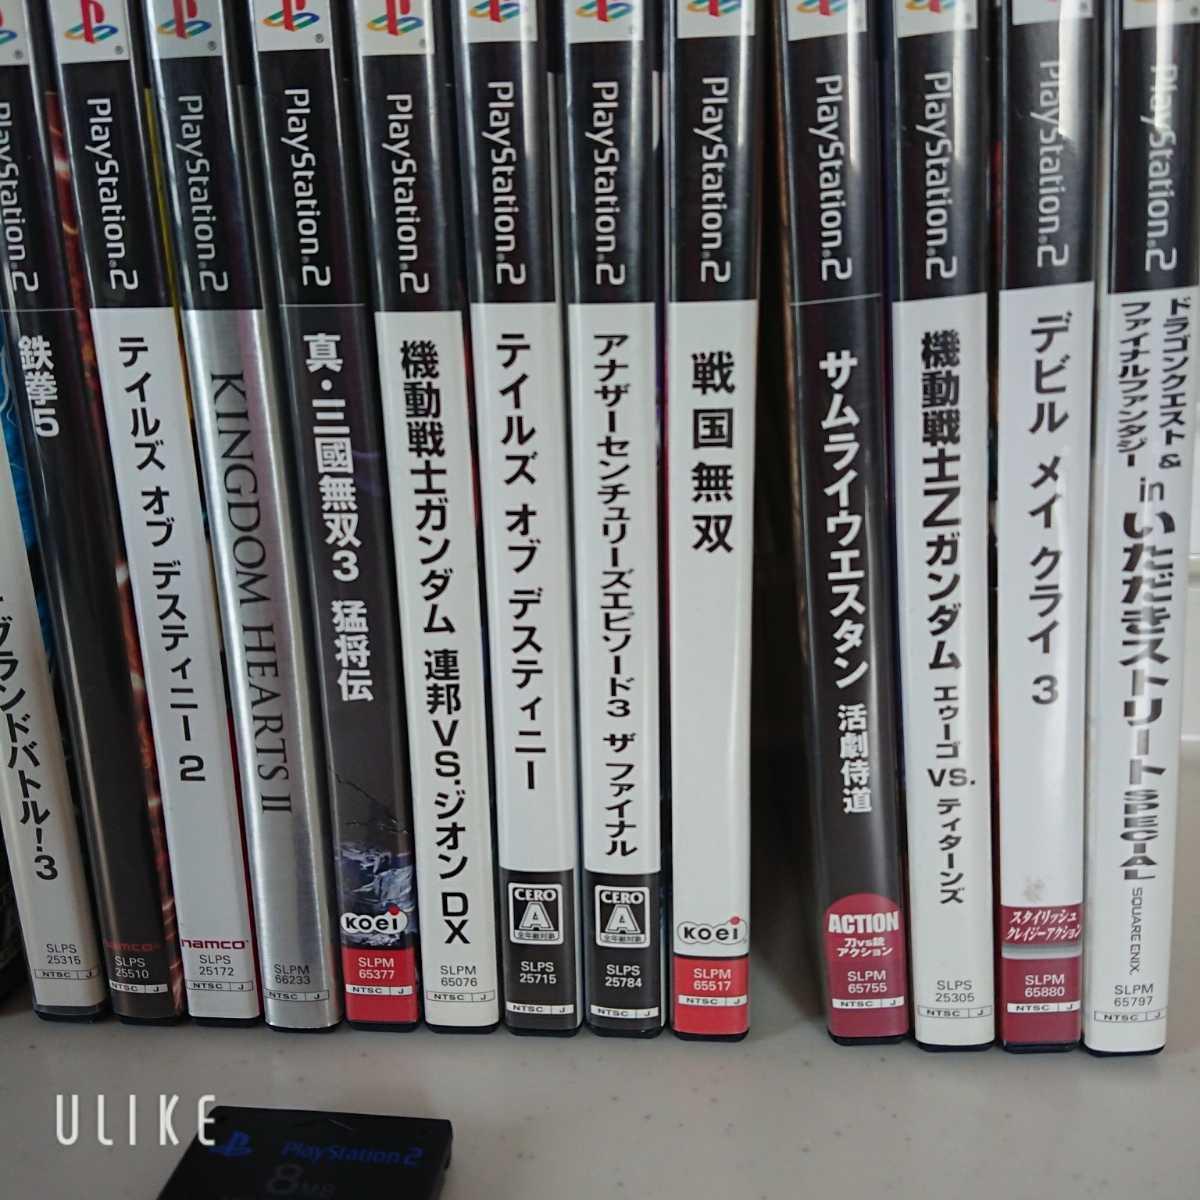 PS2 ソフト 16タイトル まとめ売り 動作未確認【良品】メモリーカード 送料無料!